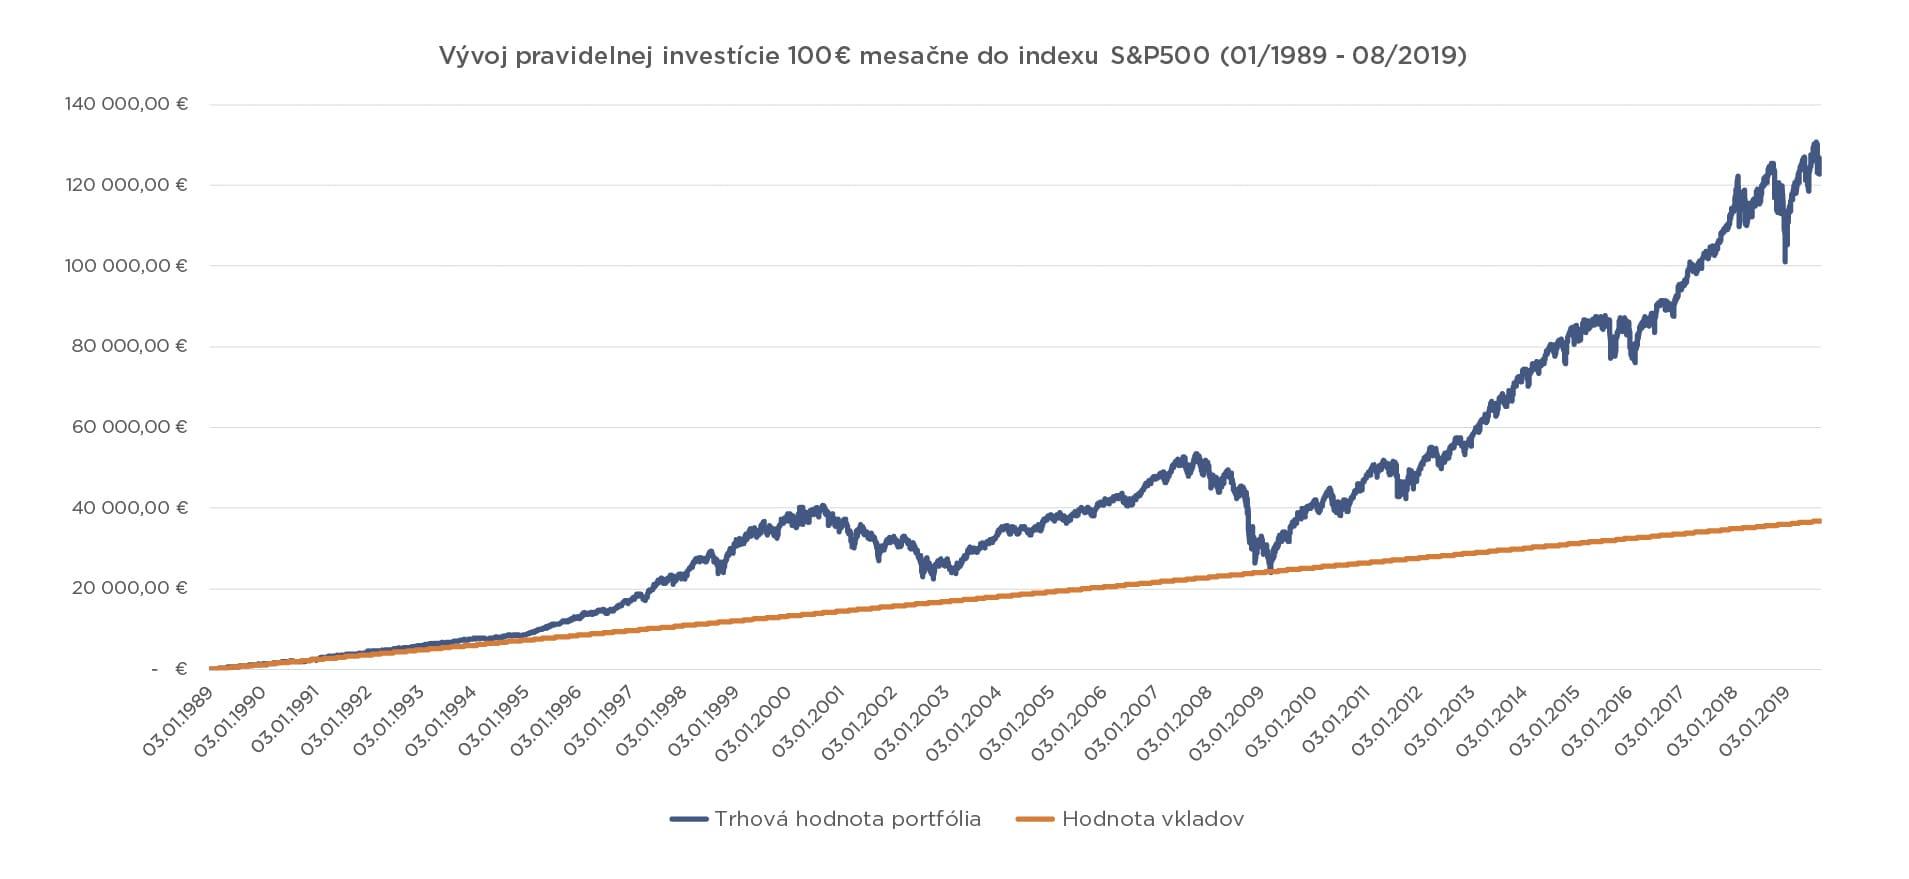 vyvoj pravidelnej investicie do indexu sp500 4 Čo by ste mali vedieť o investovaní do podielových fondov